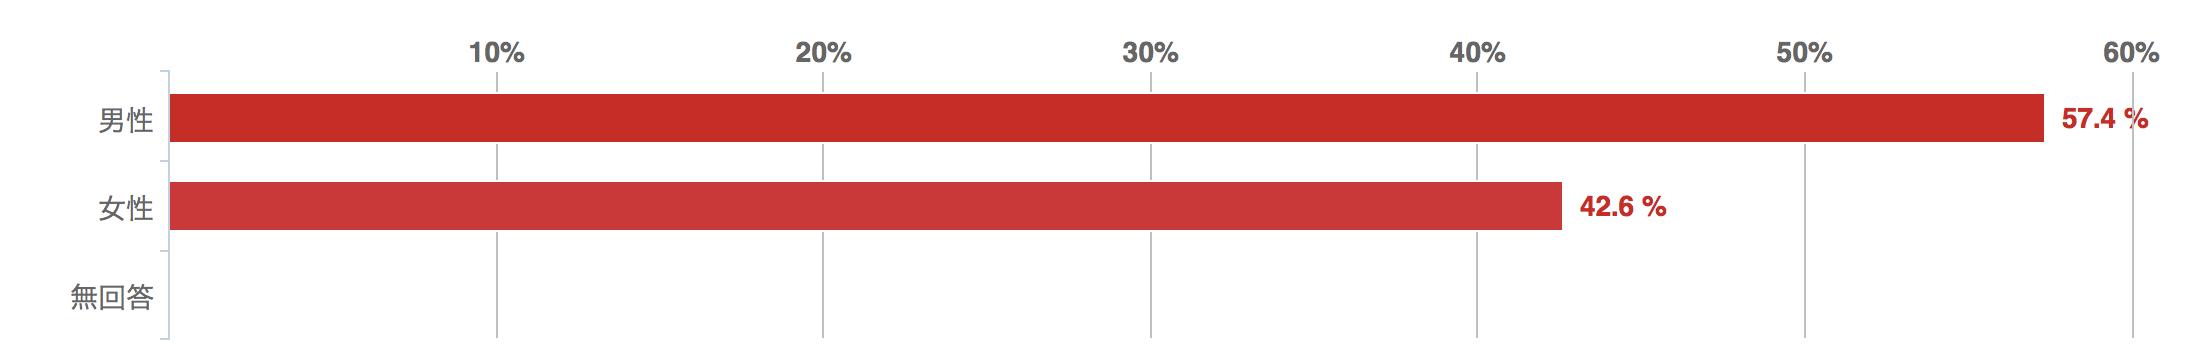 回答者の性別、回答グラフ